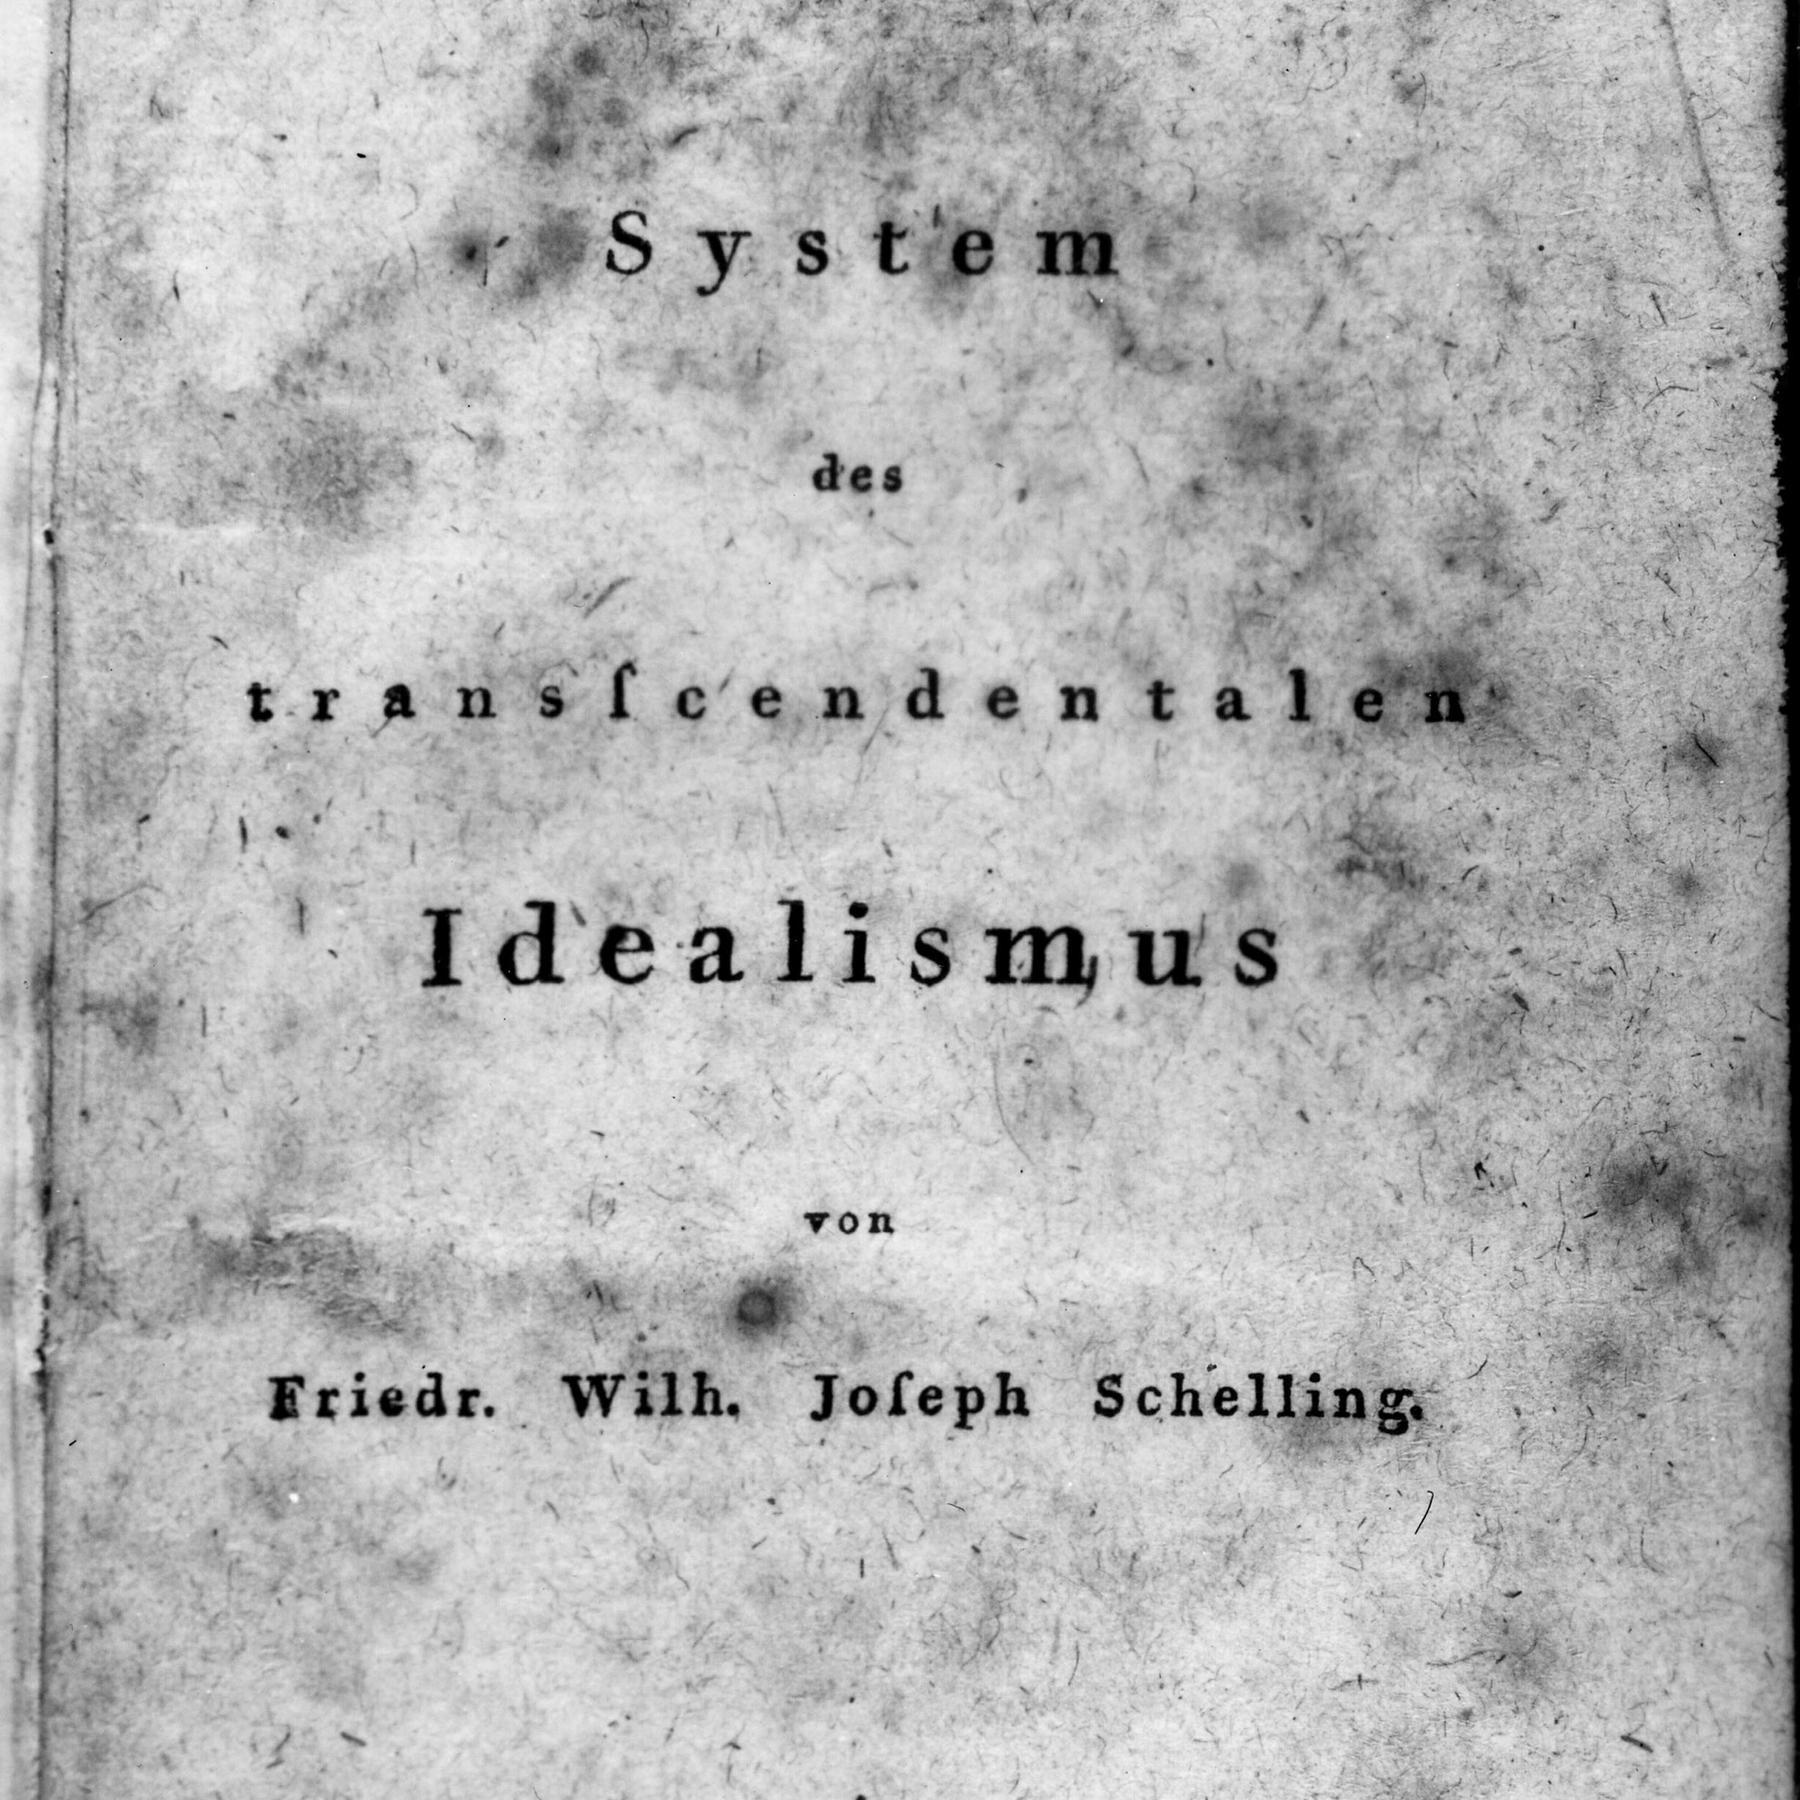 Die Welt des Idealismus - Wir sehen was wir denken